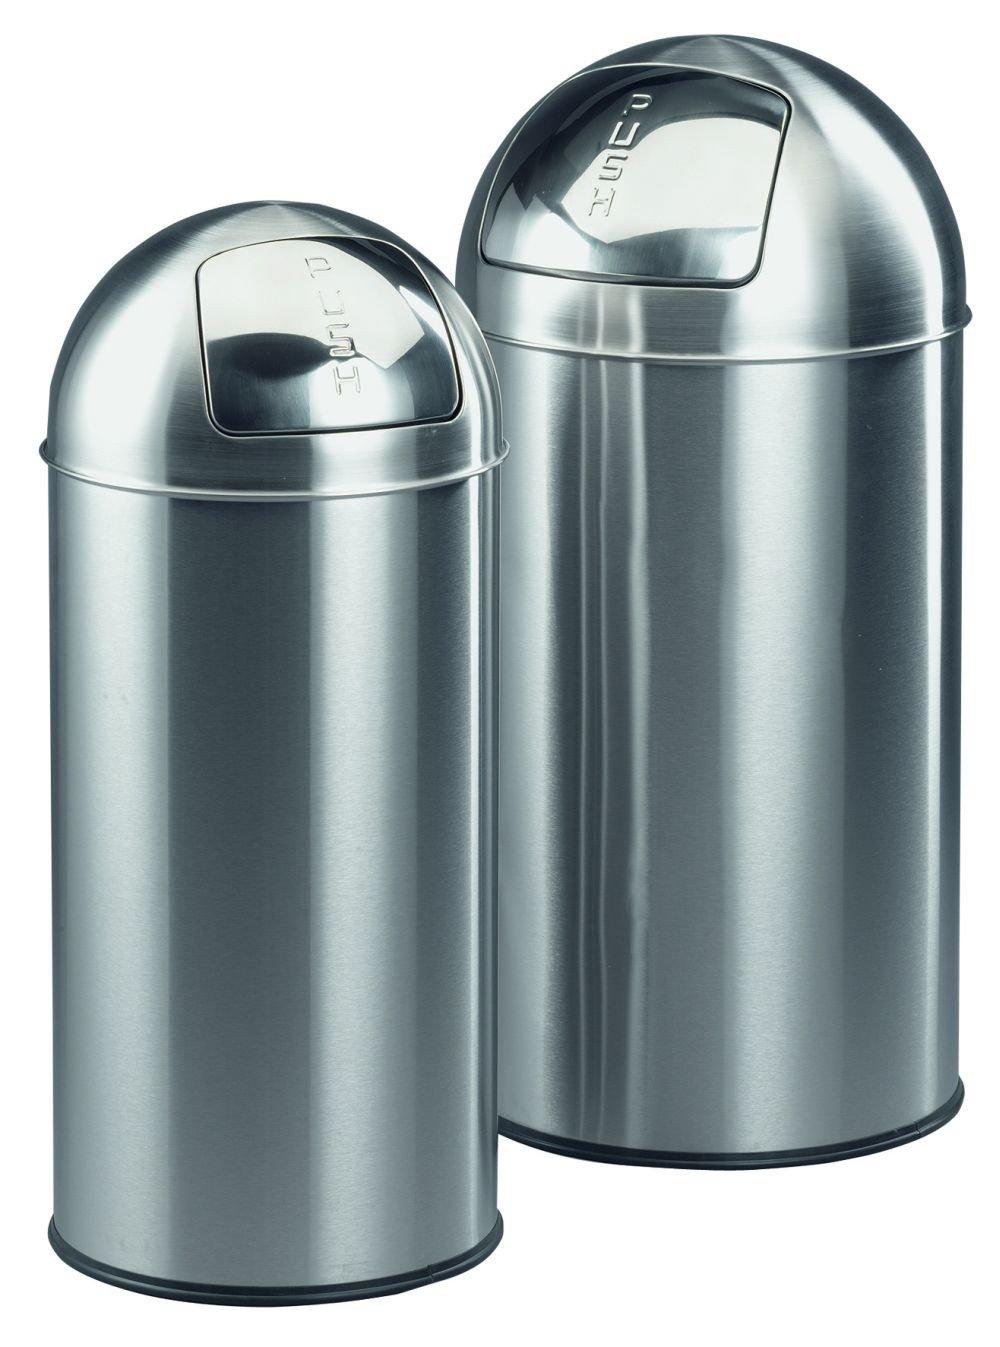 AbfalleimerSet 2teilig, 2 Mülleimer mit 28 Liter und 40 Liter Volumen   Bewertungen